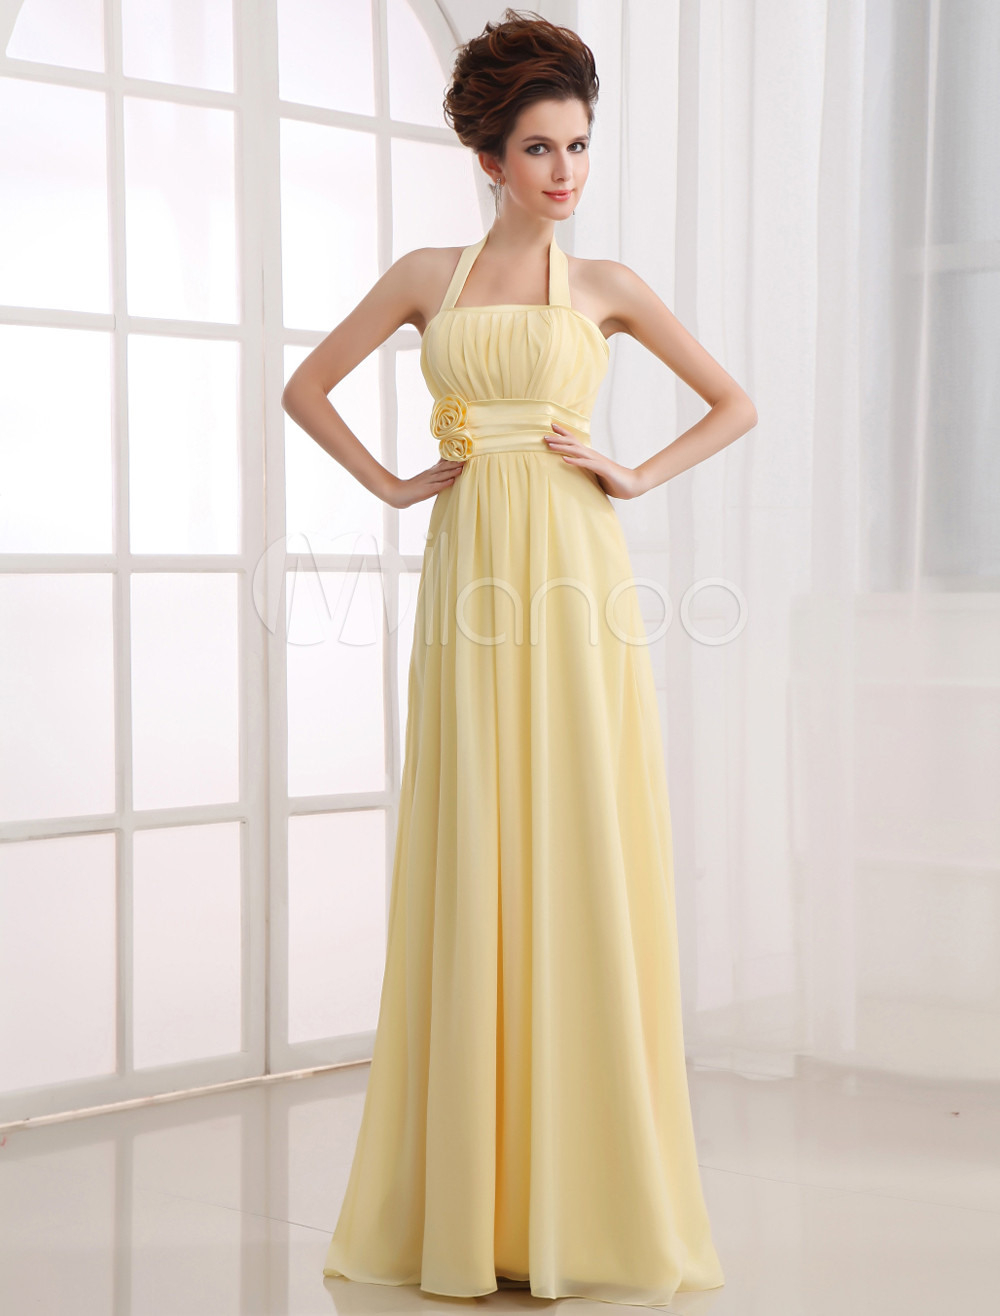 Empirekleid Für Brautjungfer Aus Chiffon Mit Viereckigem